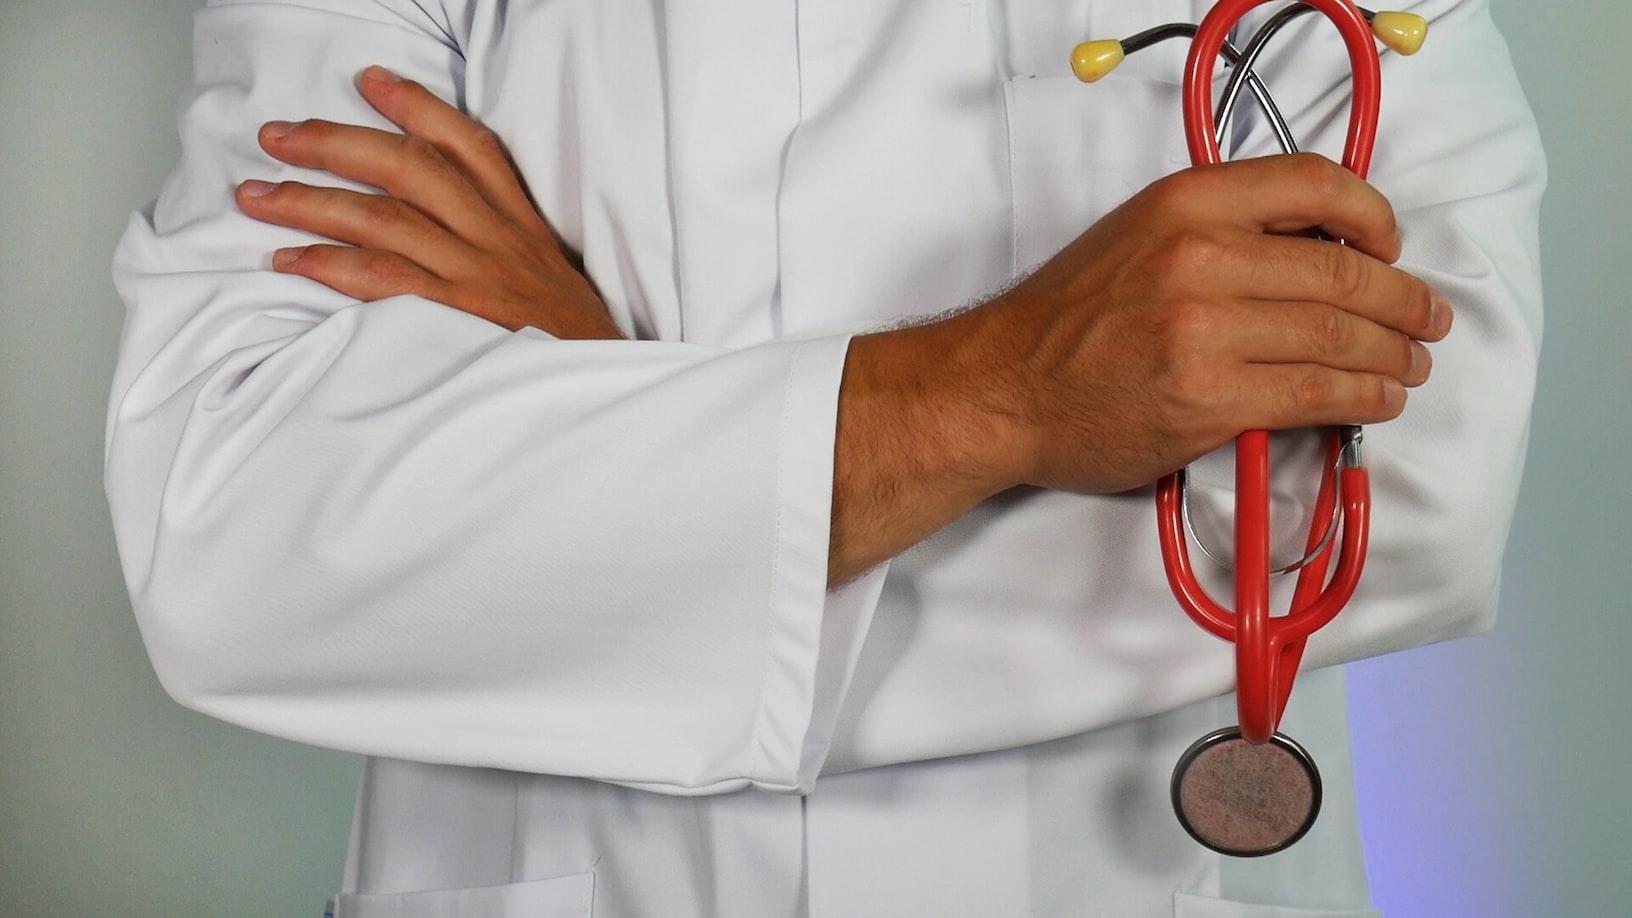 Ciberžolė gydymui – Kaip naudoti?